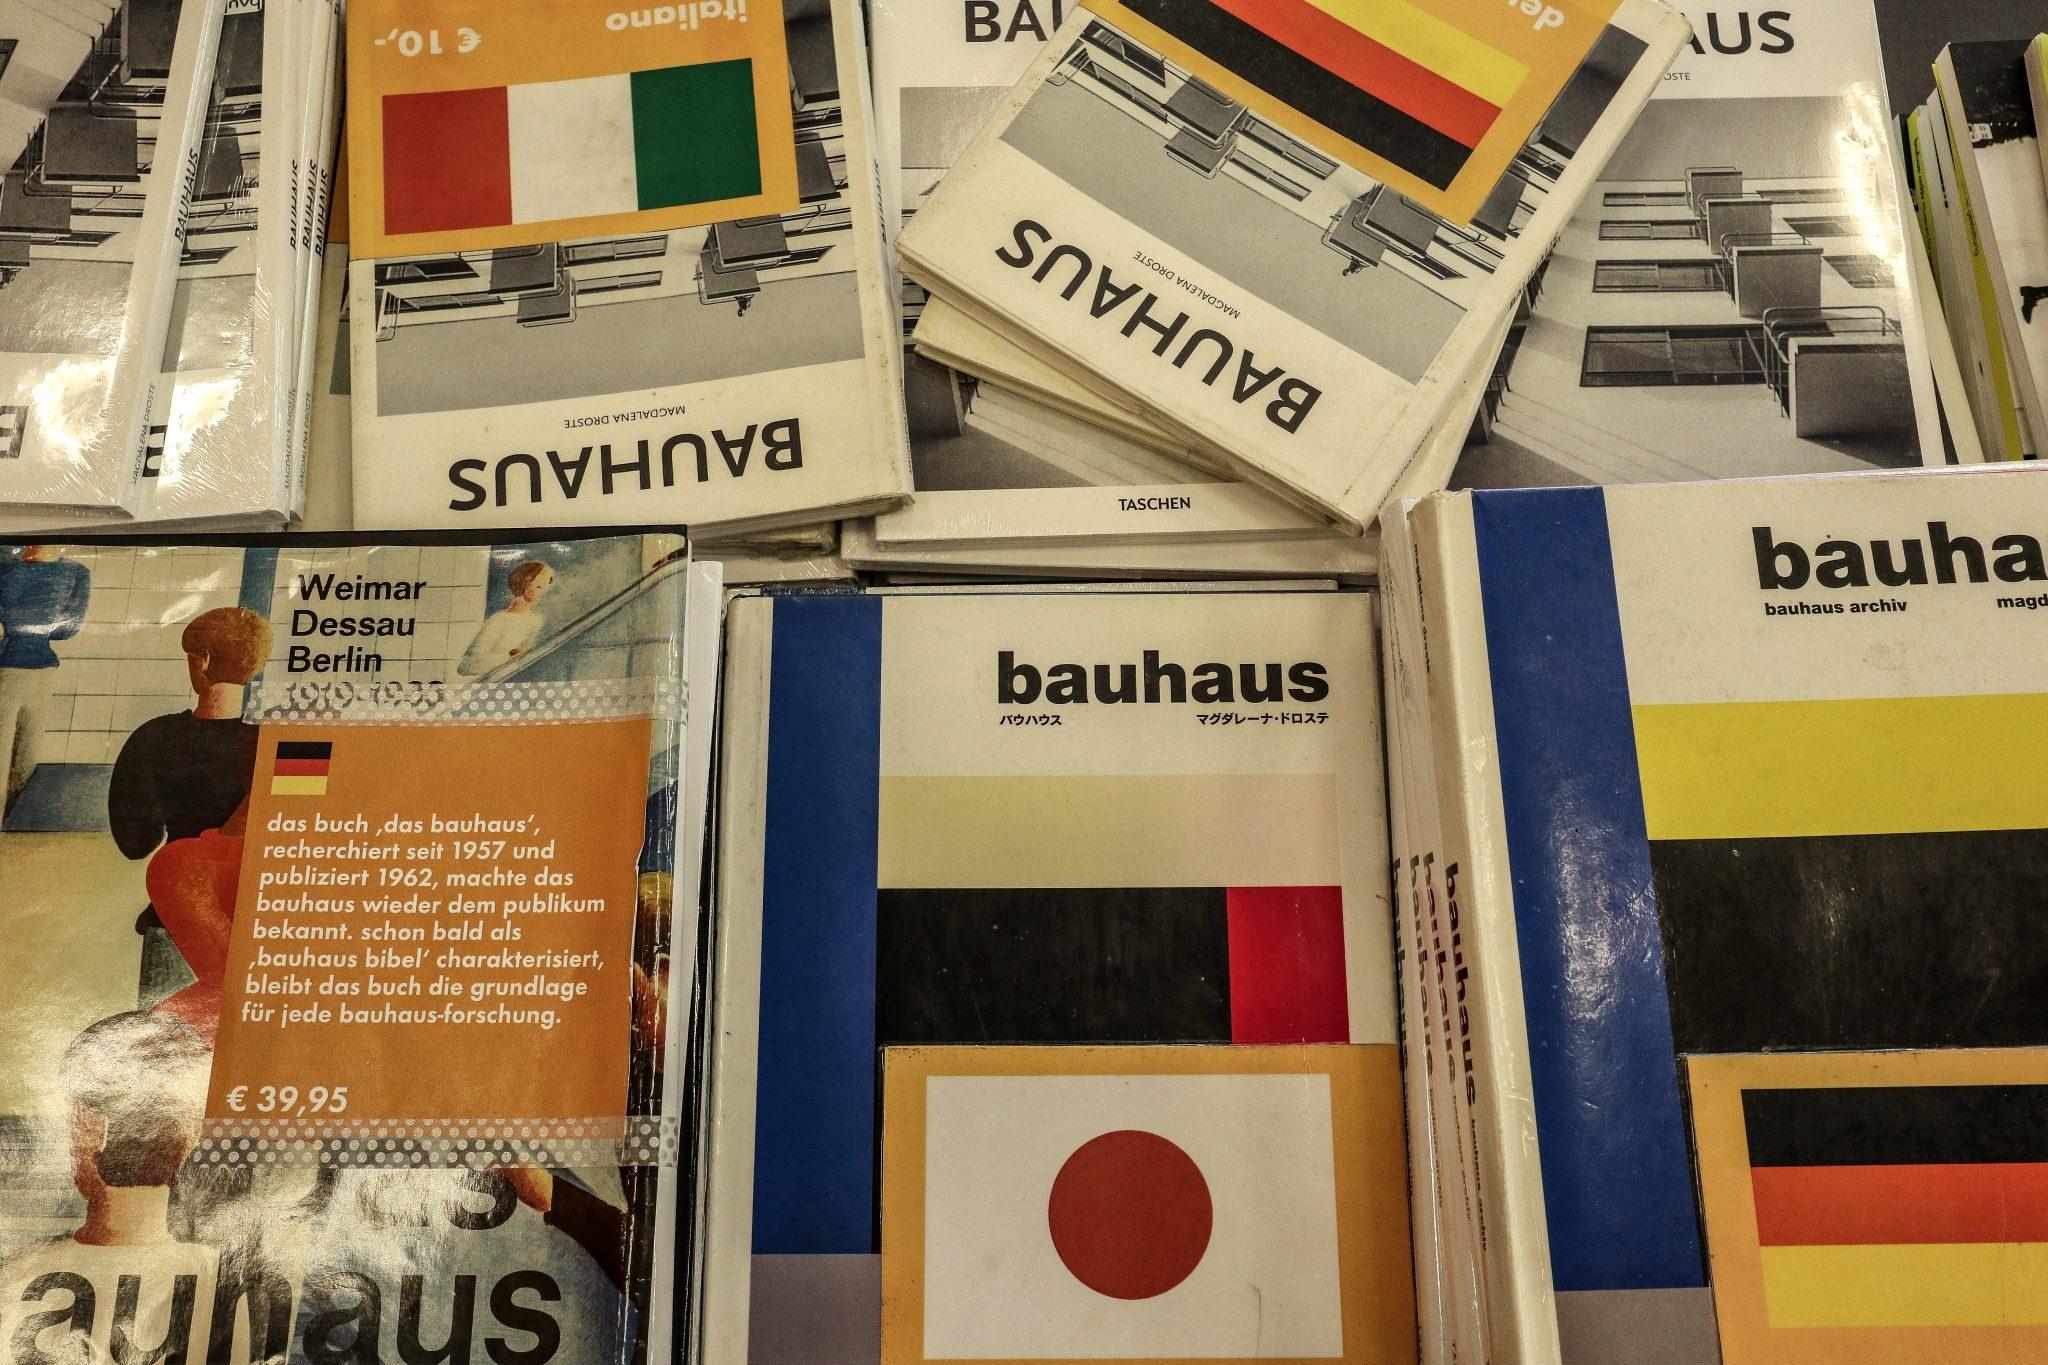 Bauhaus Books, Berlin